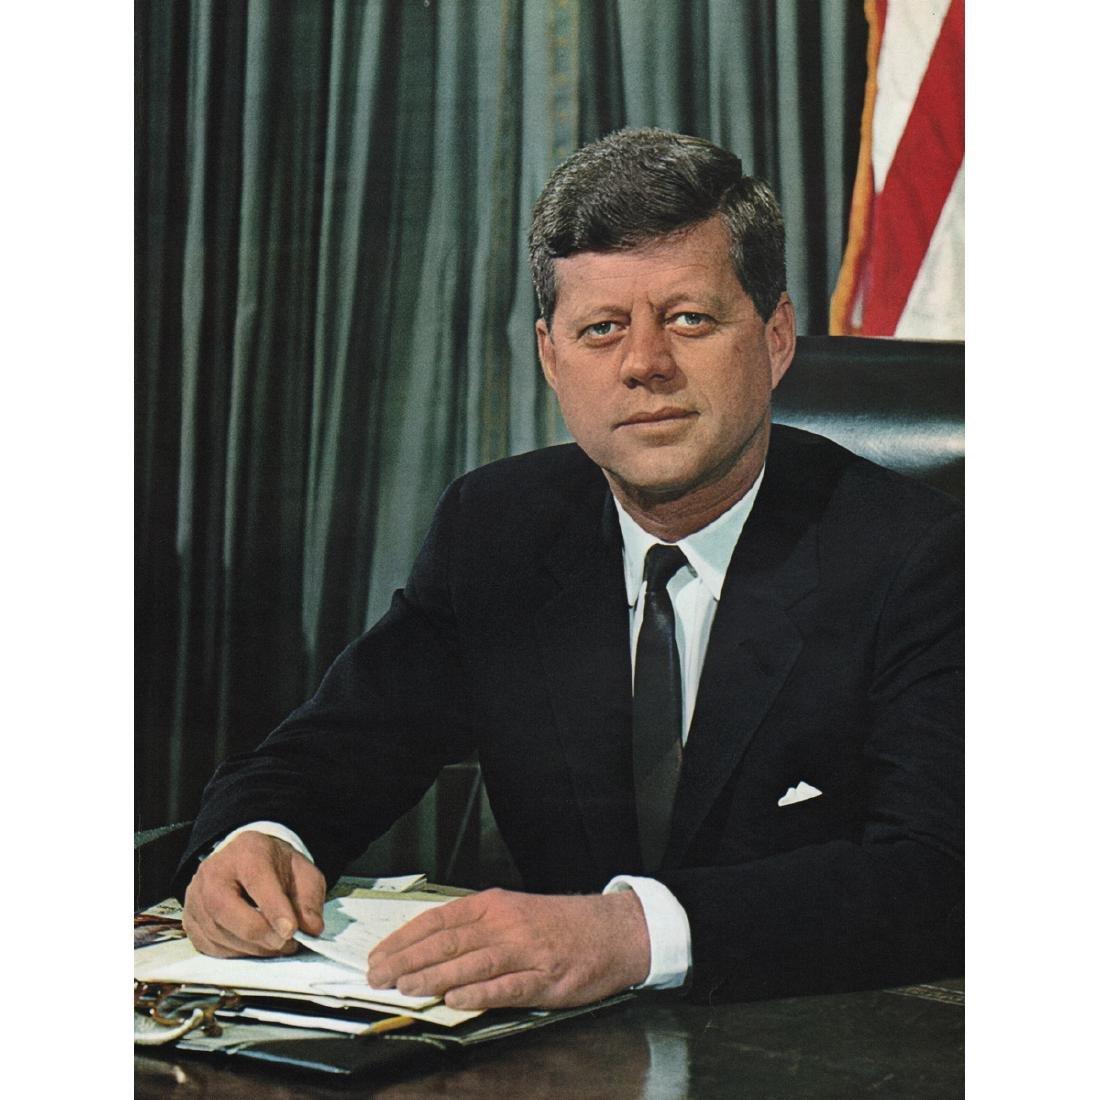 ALFRED EISENSTAEDT - John F. Kennedy